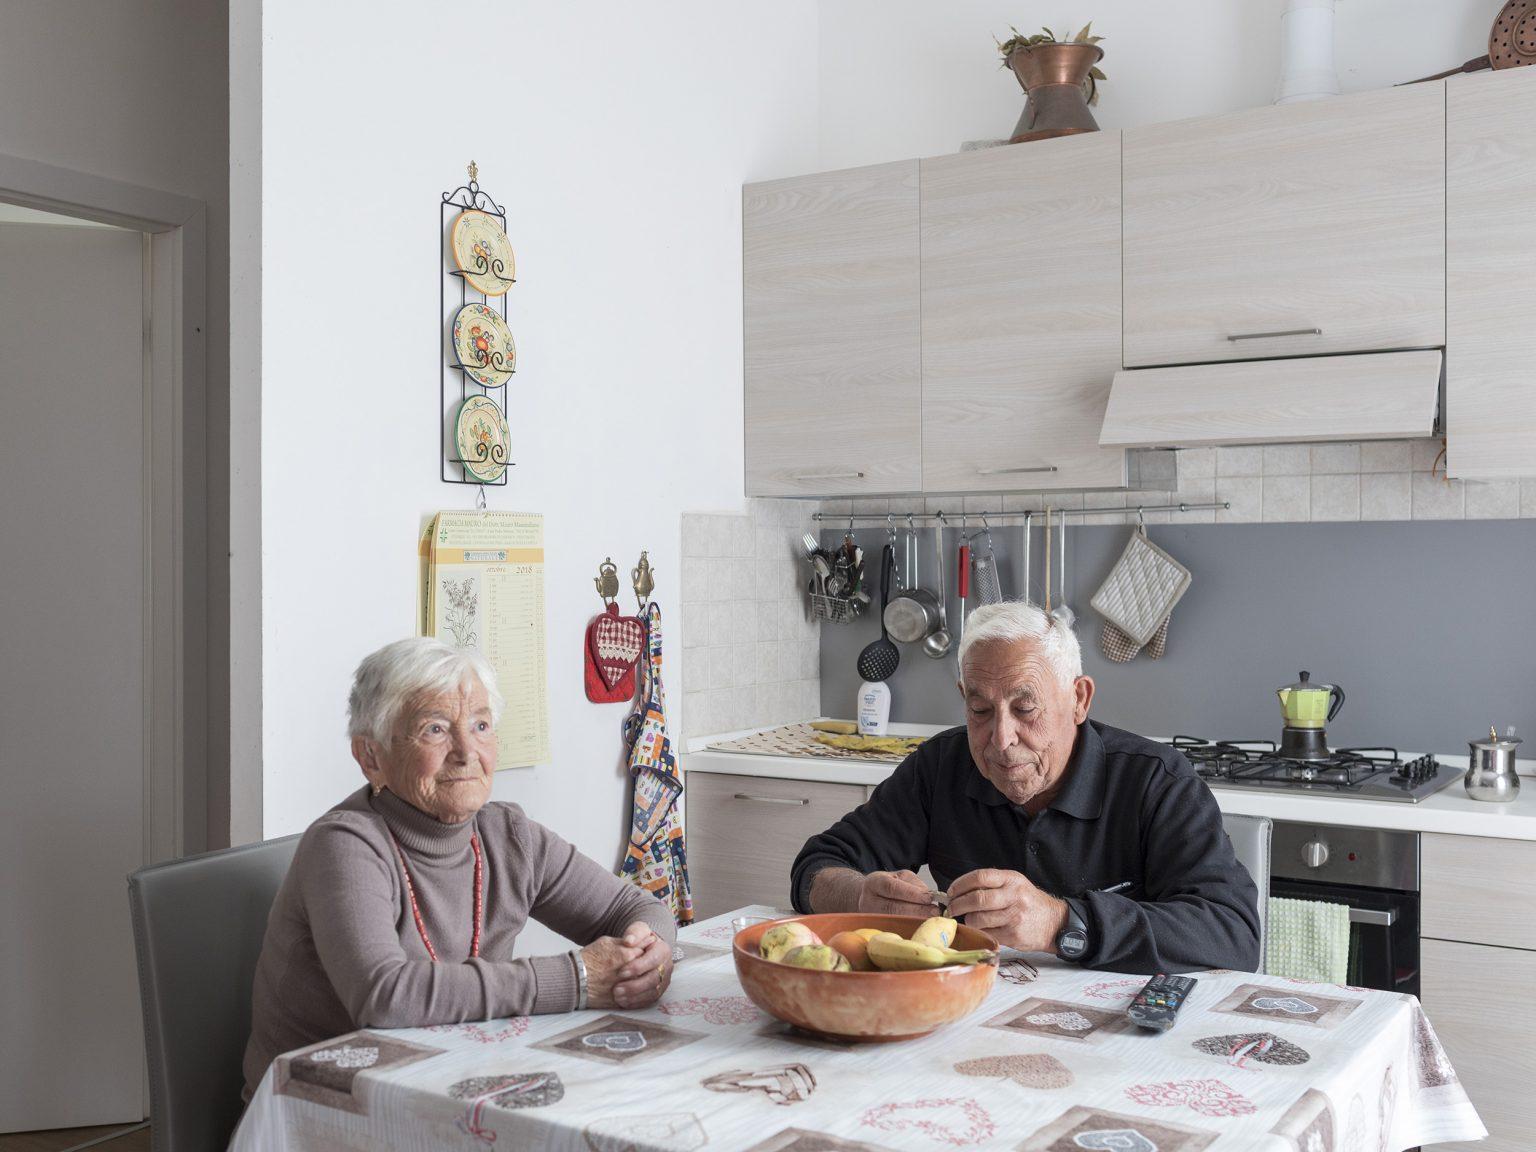 Capricchia, ottobre 2018 Vanda e Rinaldo Pini all'interno del loro modulo S.A.E. dopo sette mesi passati in hotel a Martinsicuro, una cittadina costiera in provincia di Teramo.